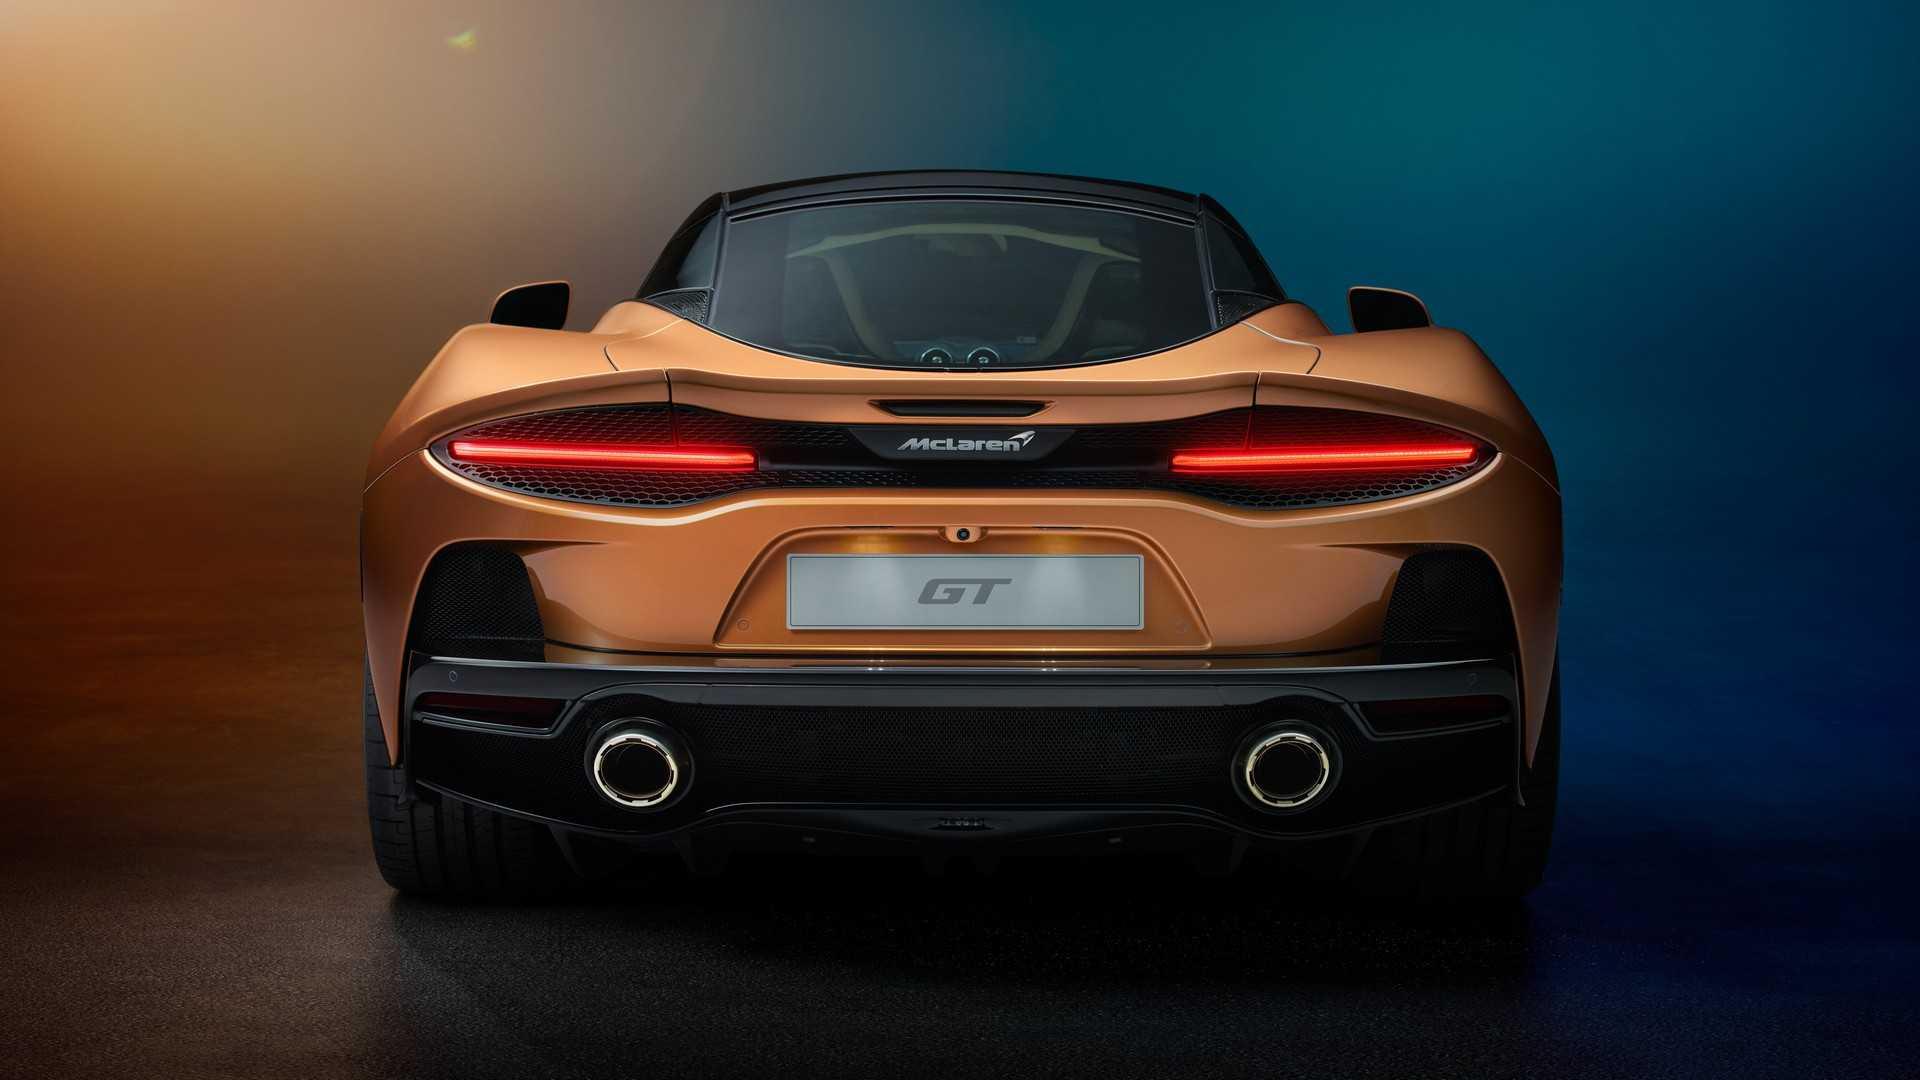 2020 McLaren GT Rear Wallpaper (14)